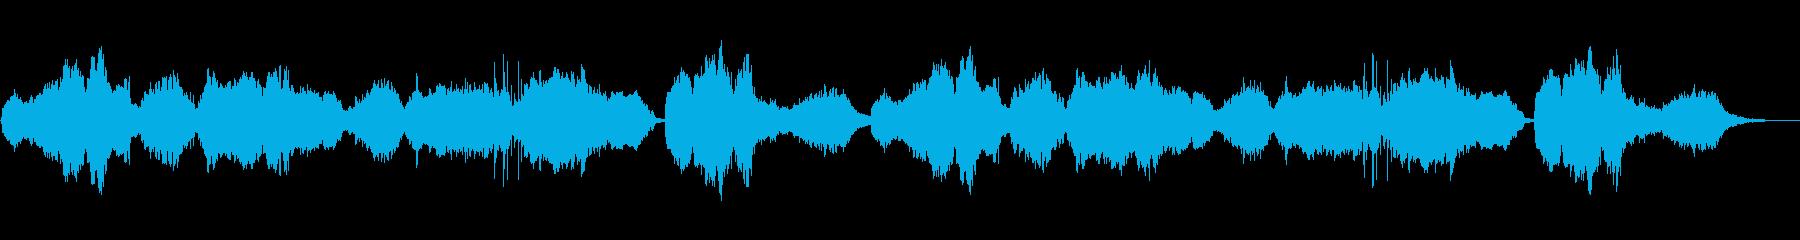 悲しげな生の篠笛とシンセの再生済みの波形